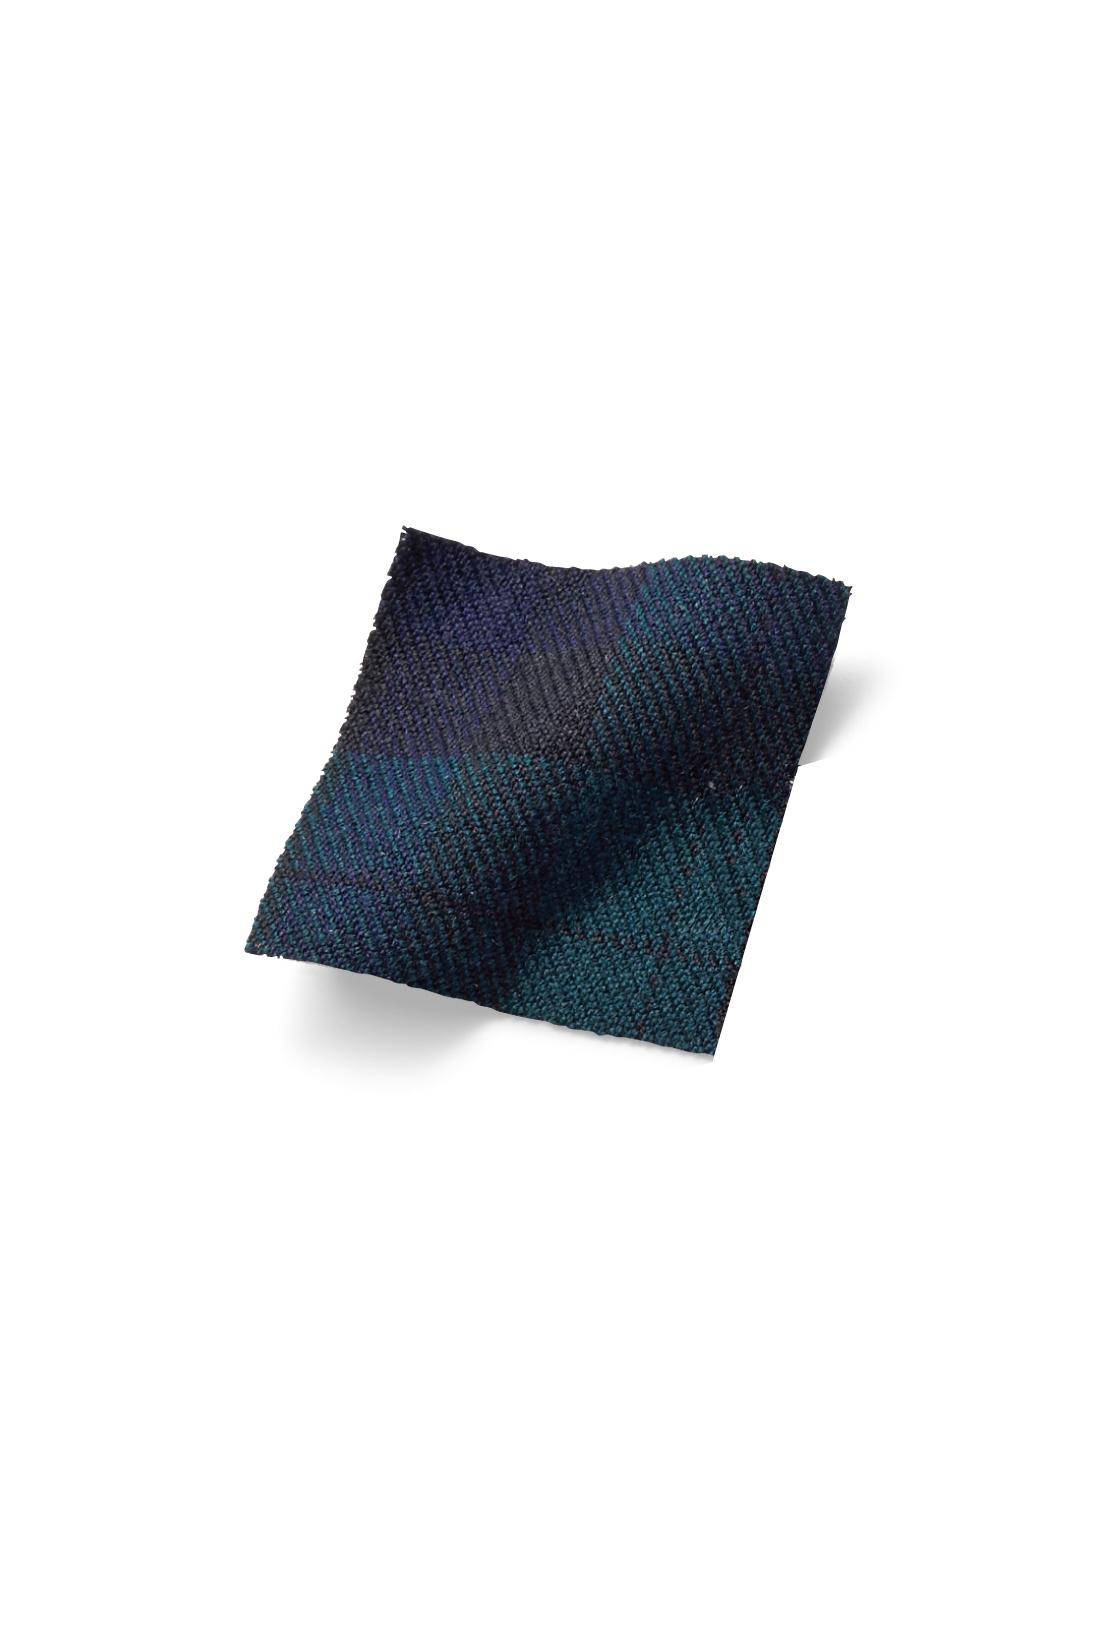 きちんと見えするきれいめストレッチ布はく素材。